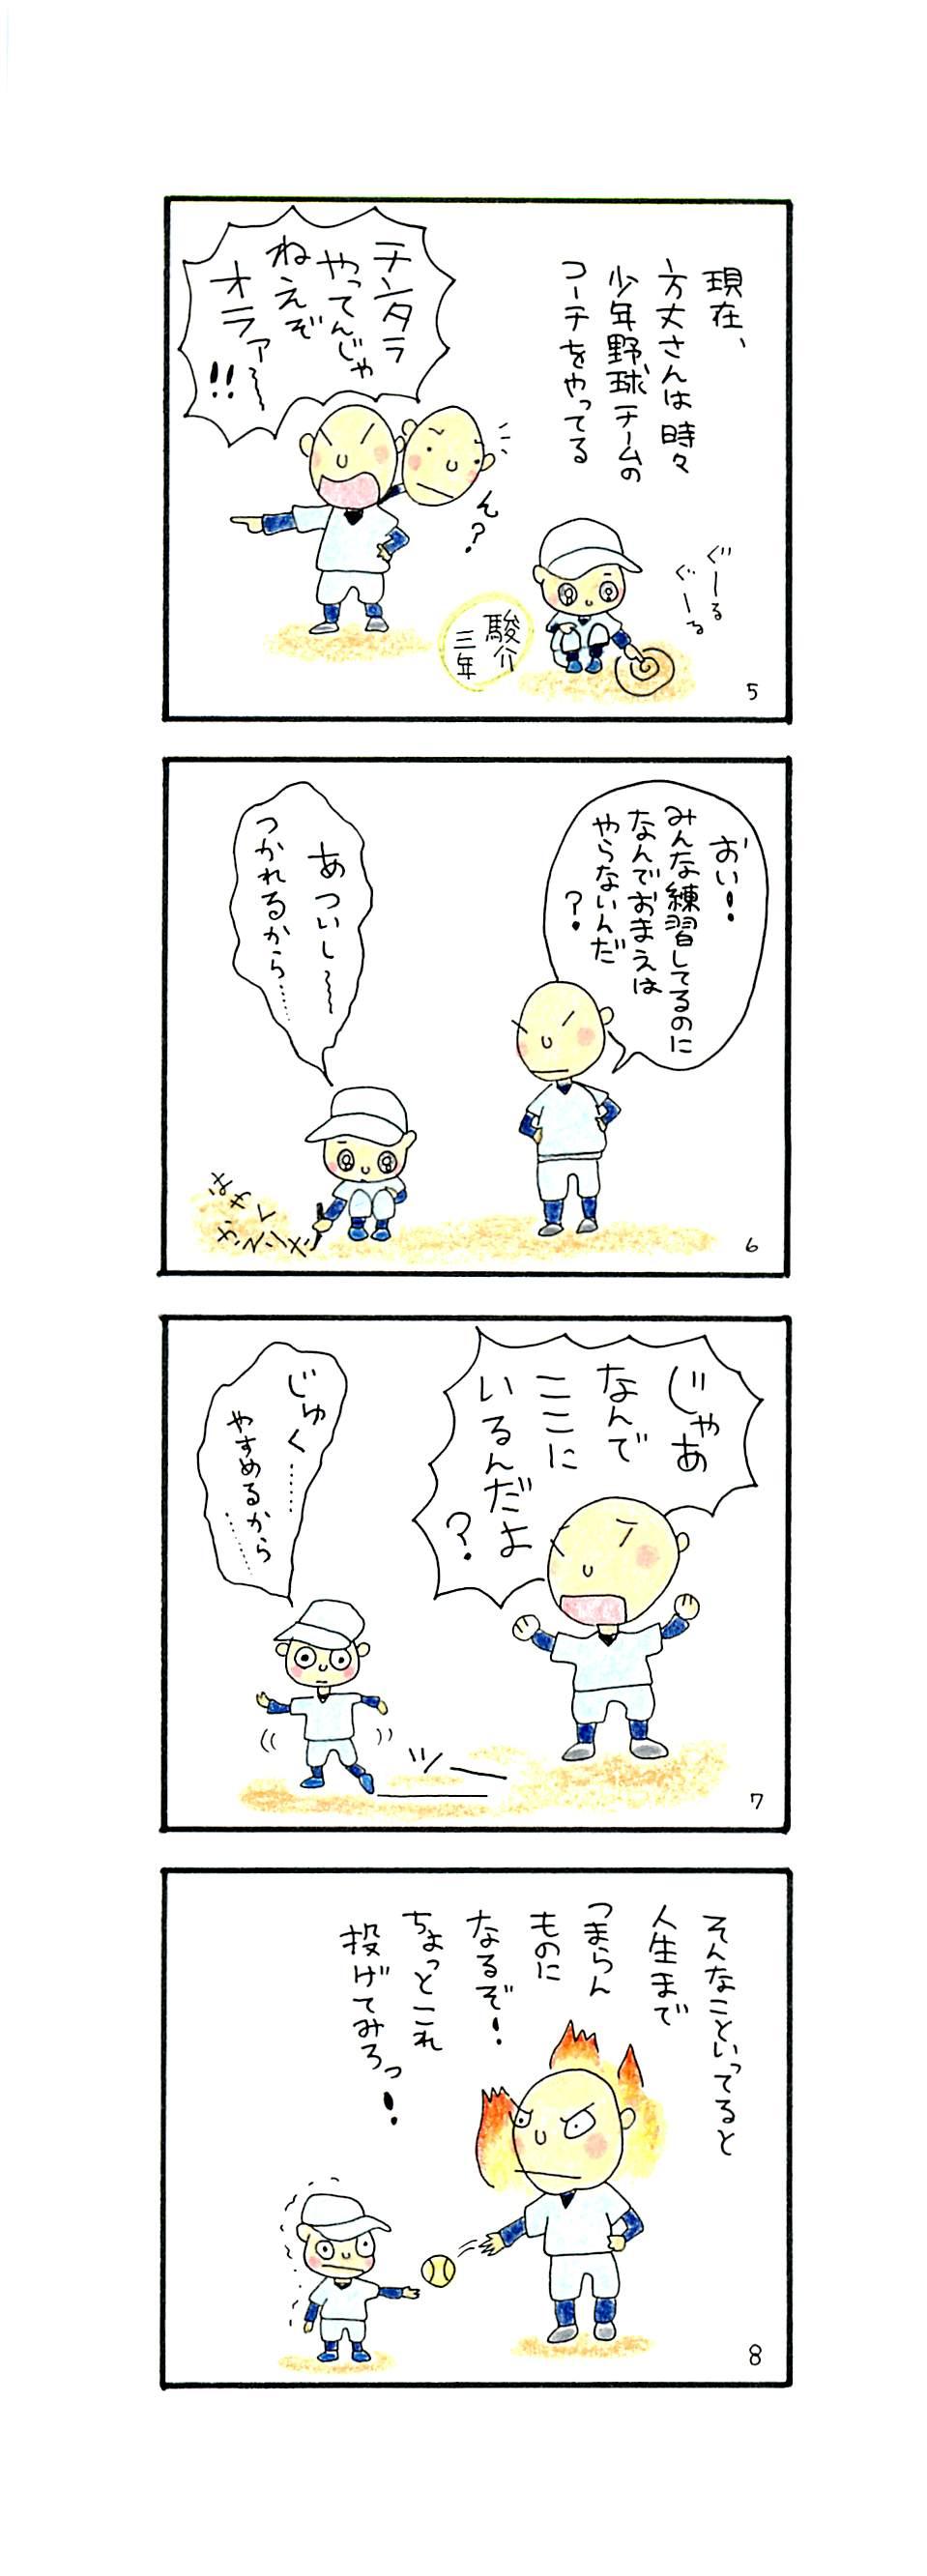 お不動さんp5-p8